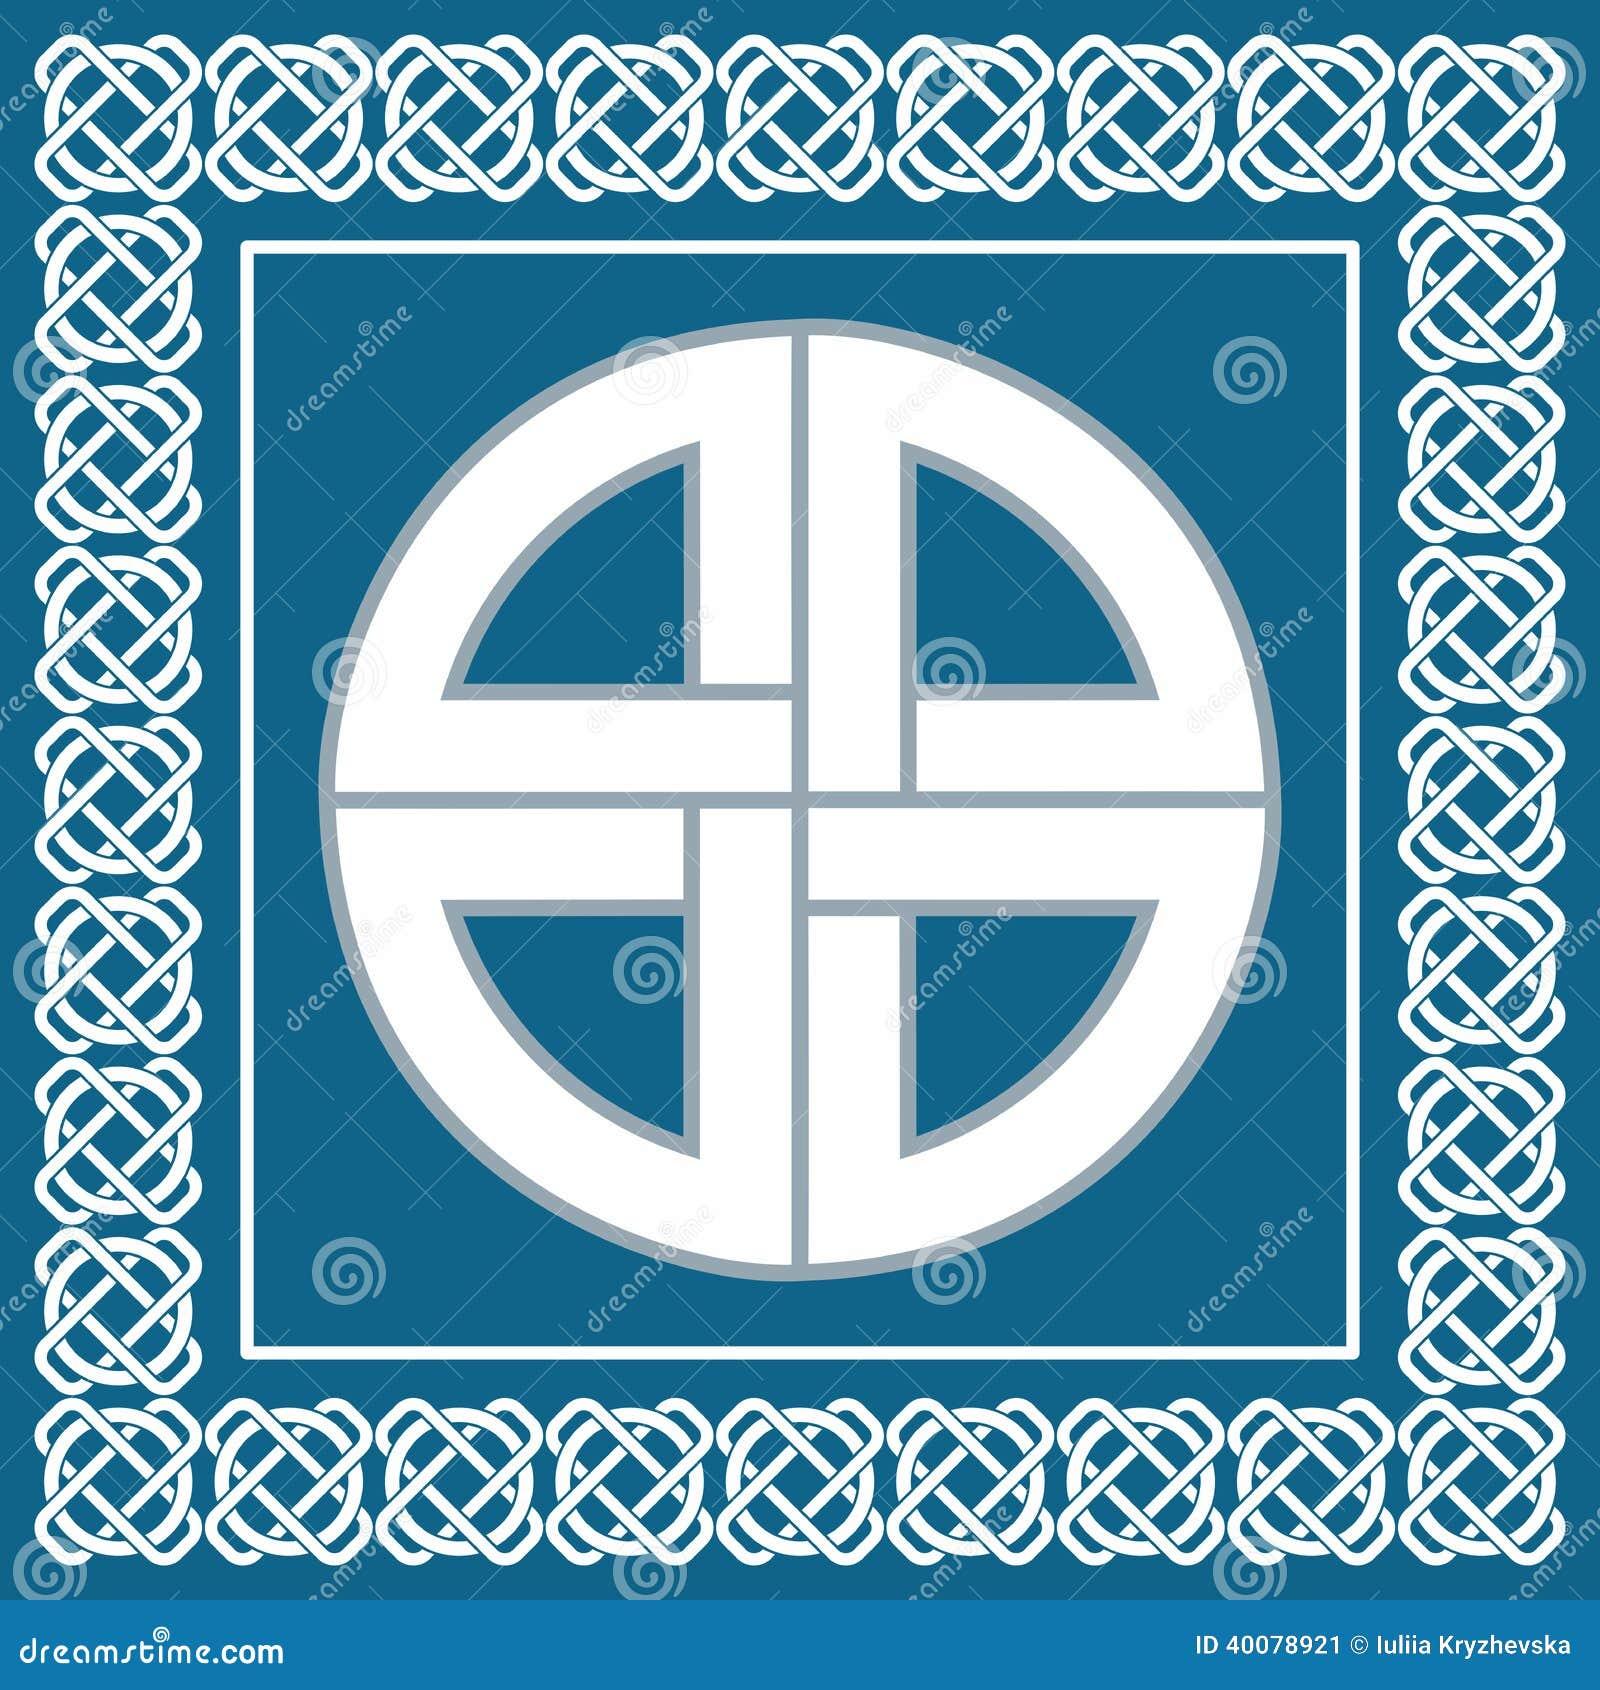 noeud celtique antique symbole de la protection employ par vikings vecteur illustration de. Black Bedroom Furniture Sets. Home Design Ideas